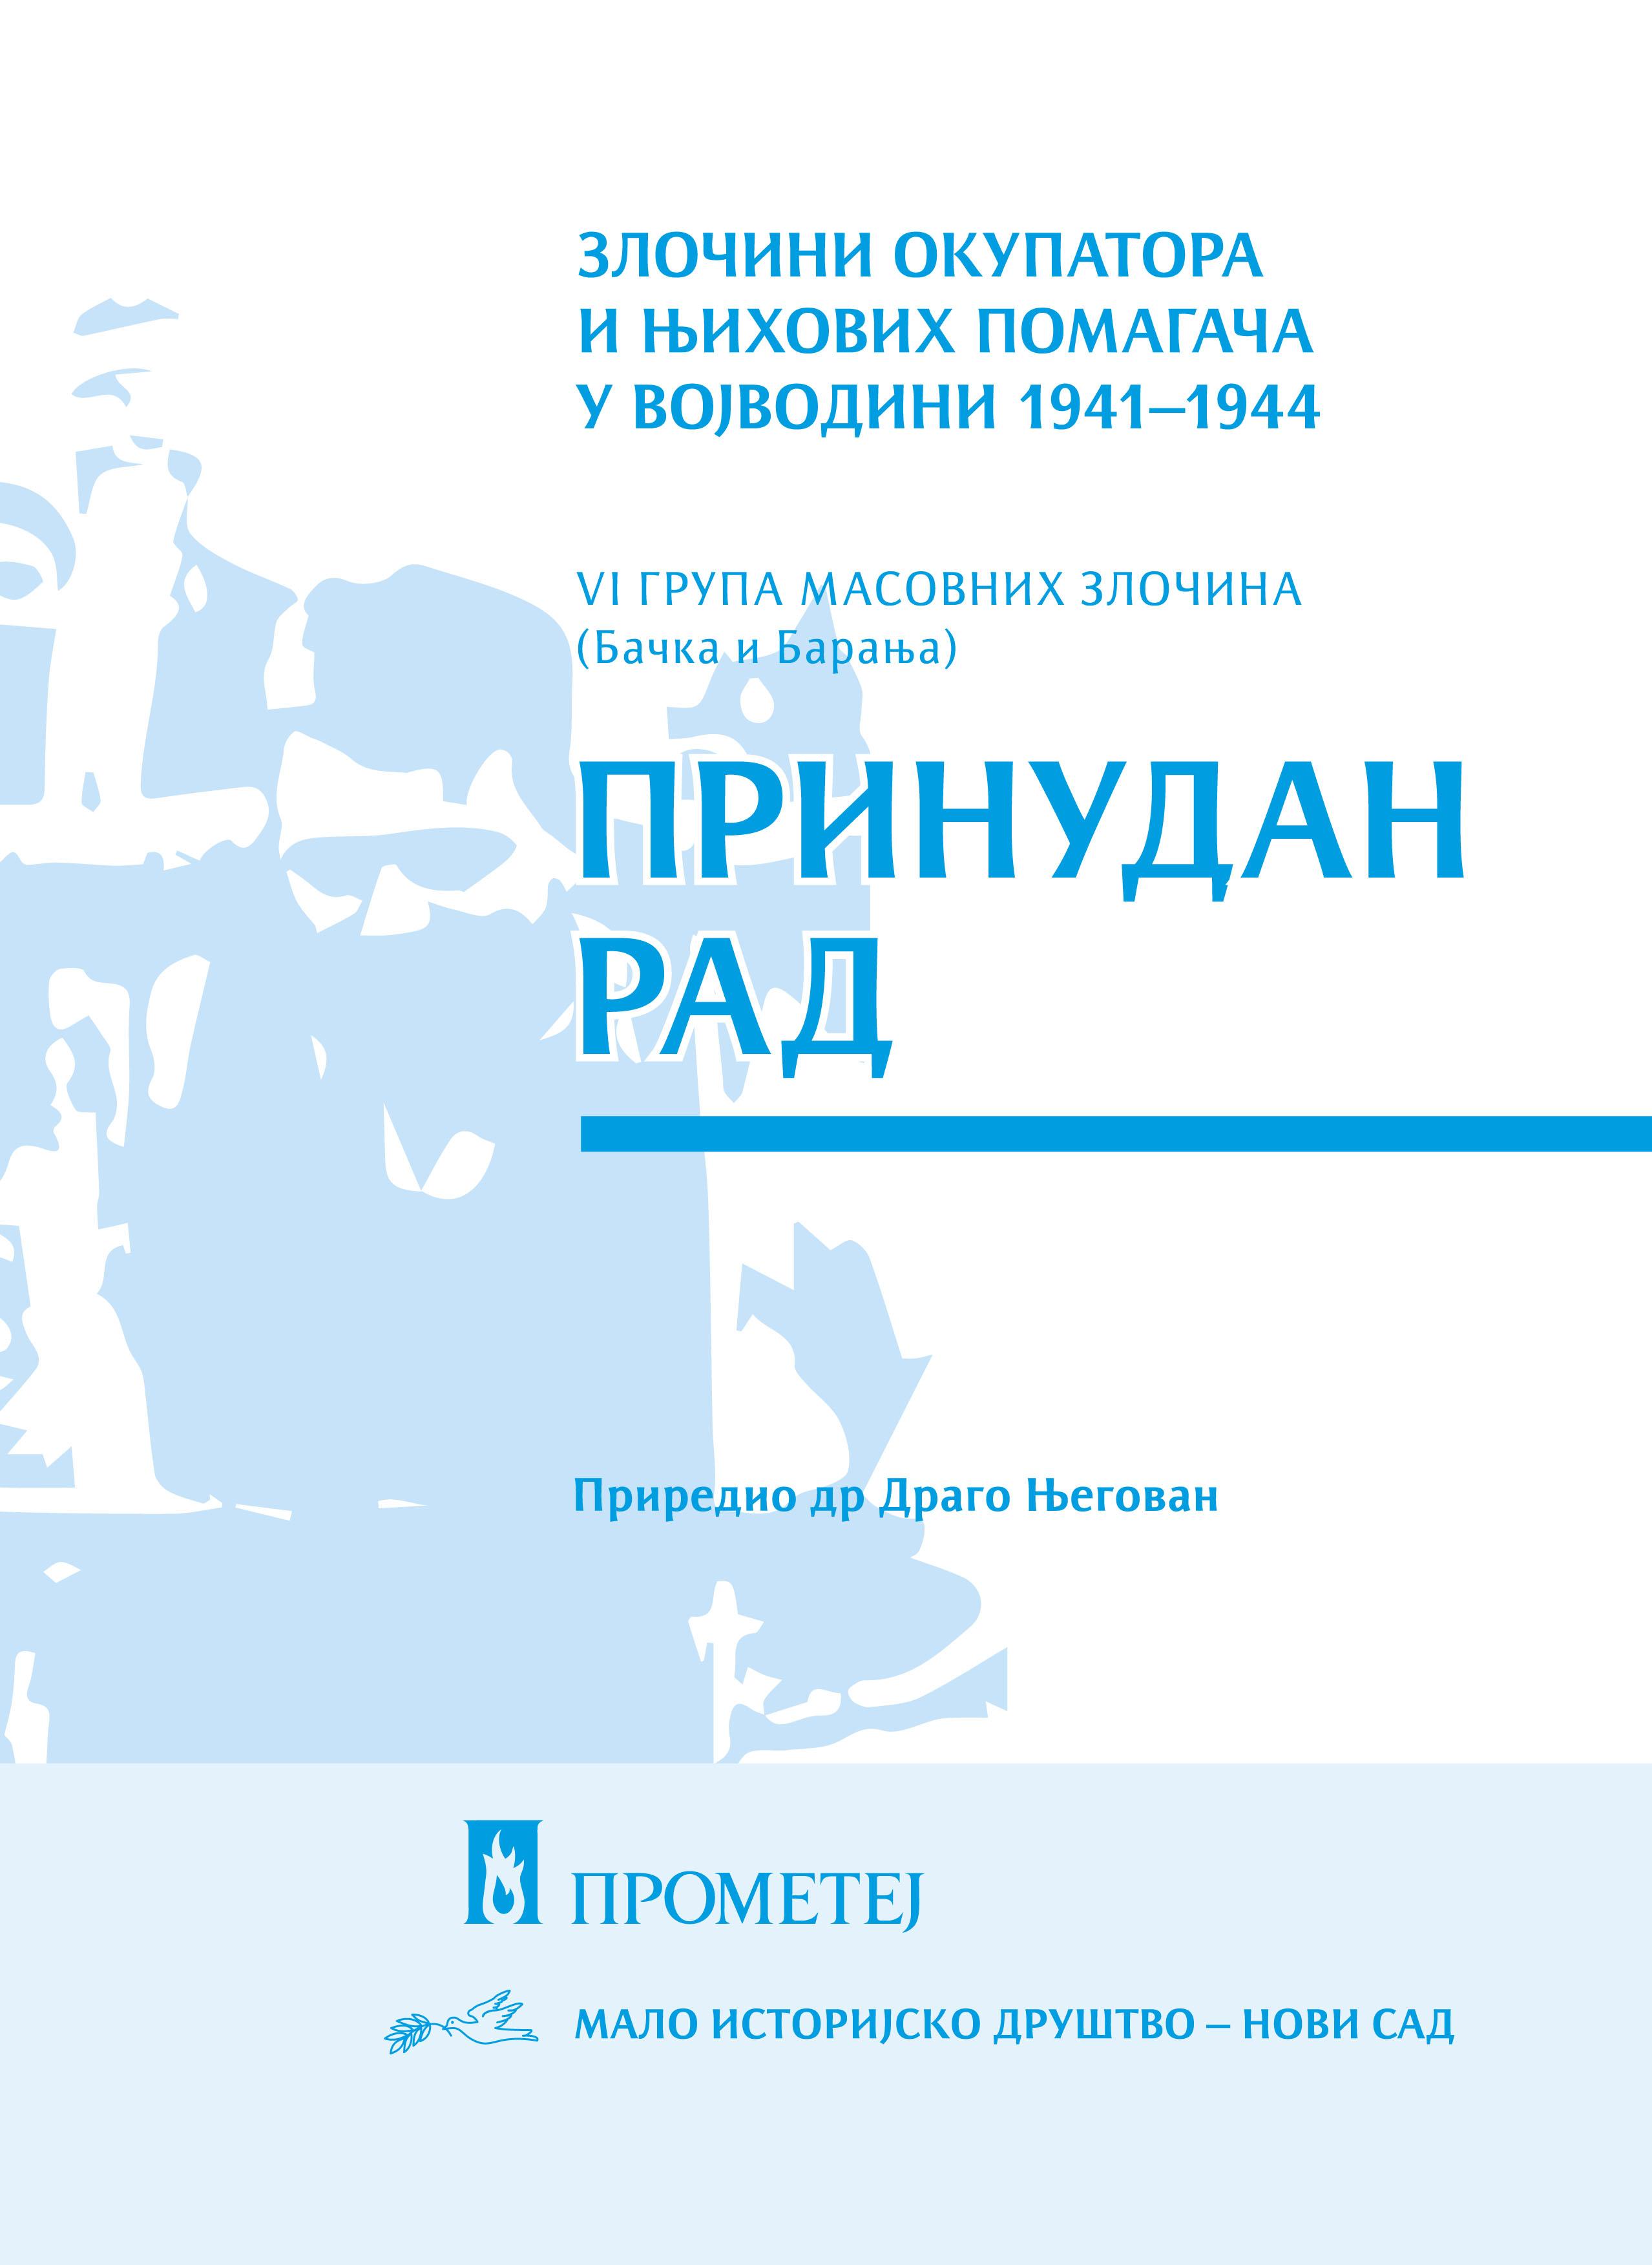 Злочини окупатора и њихових помагача у Војводини 1941-1944, VI група масовних злочина (Бачка и Барања) : принудан рад